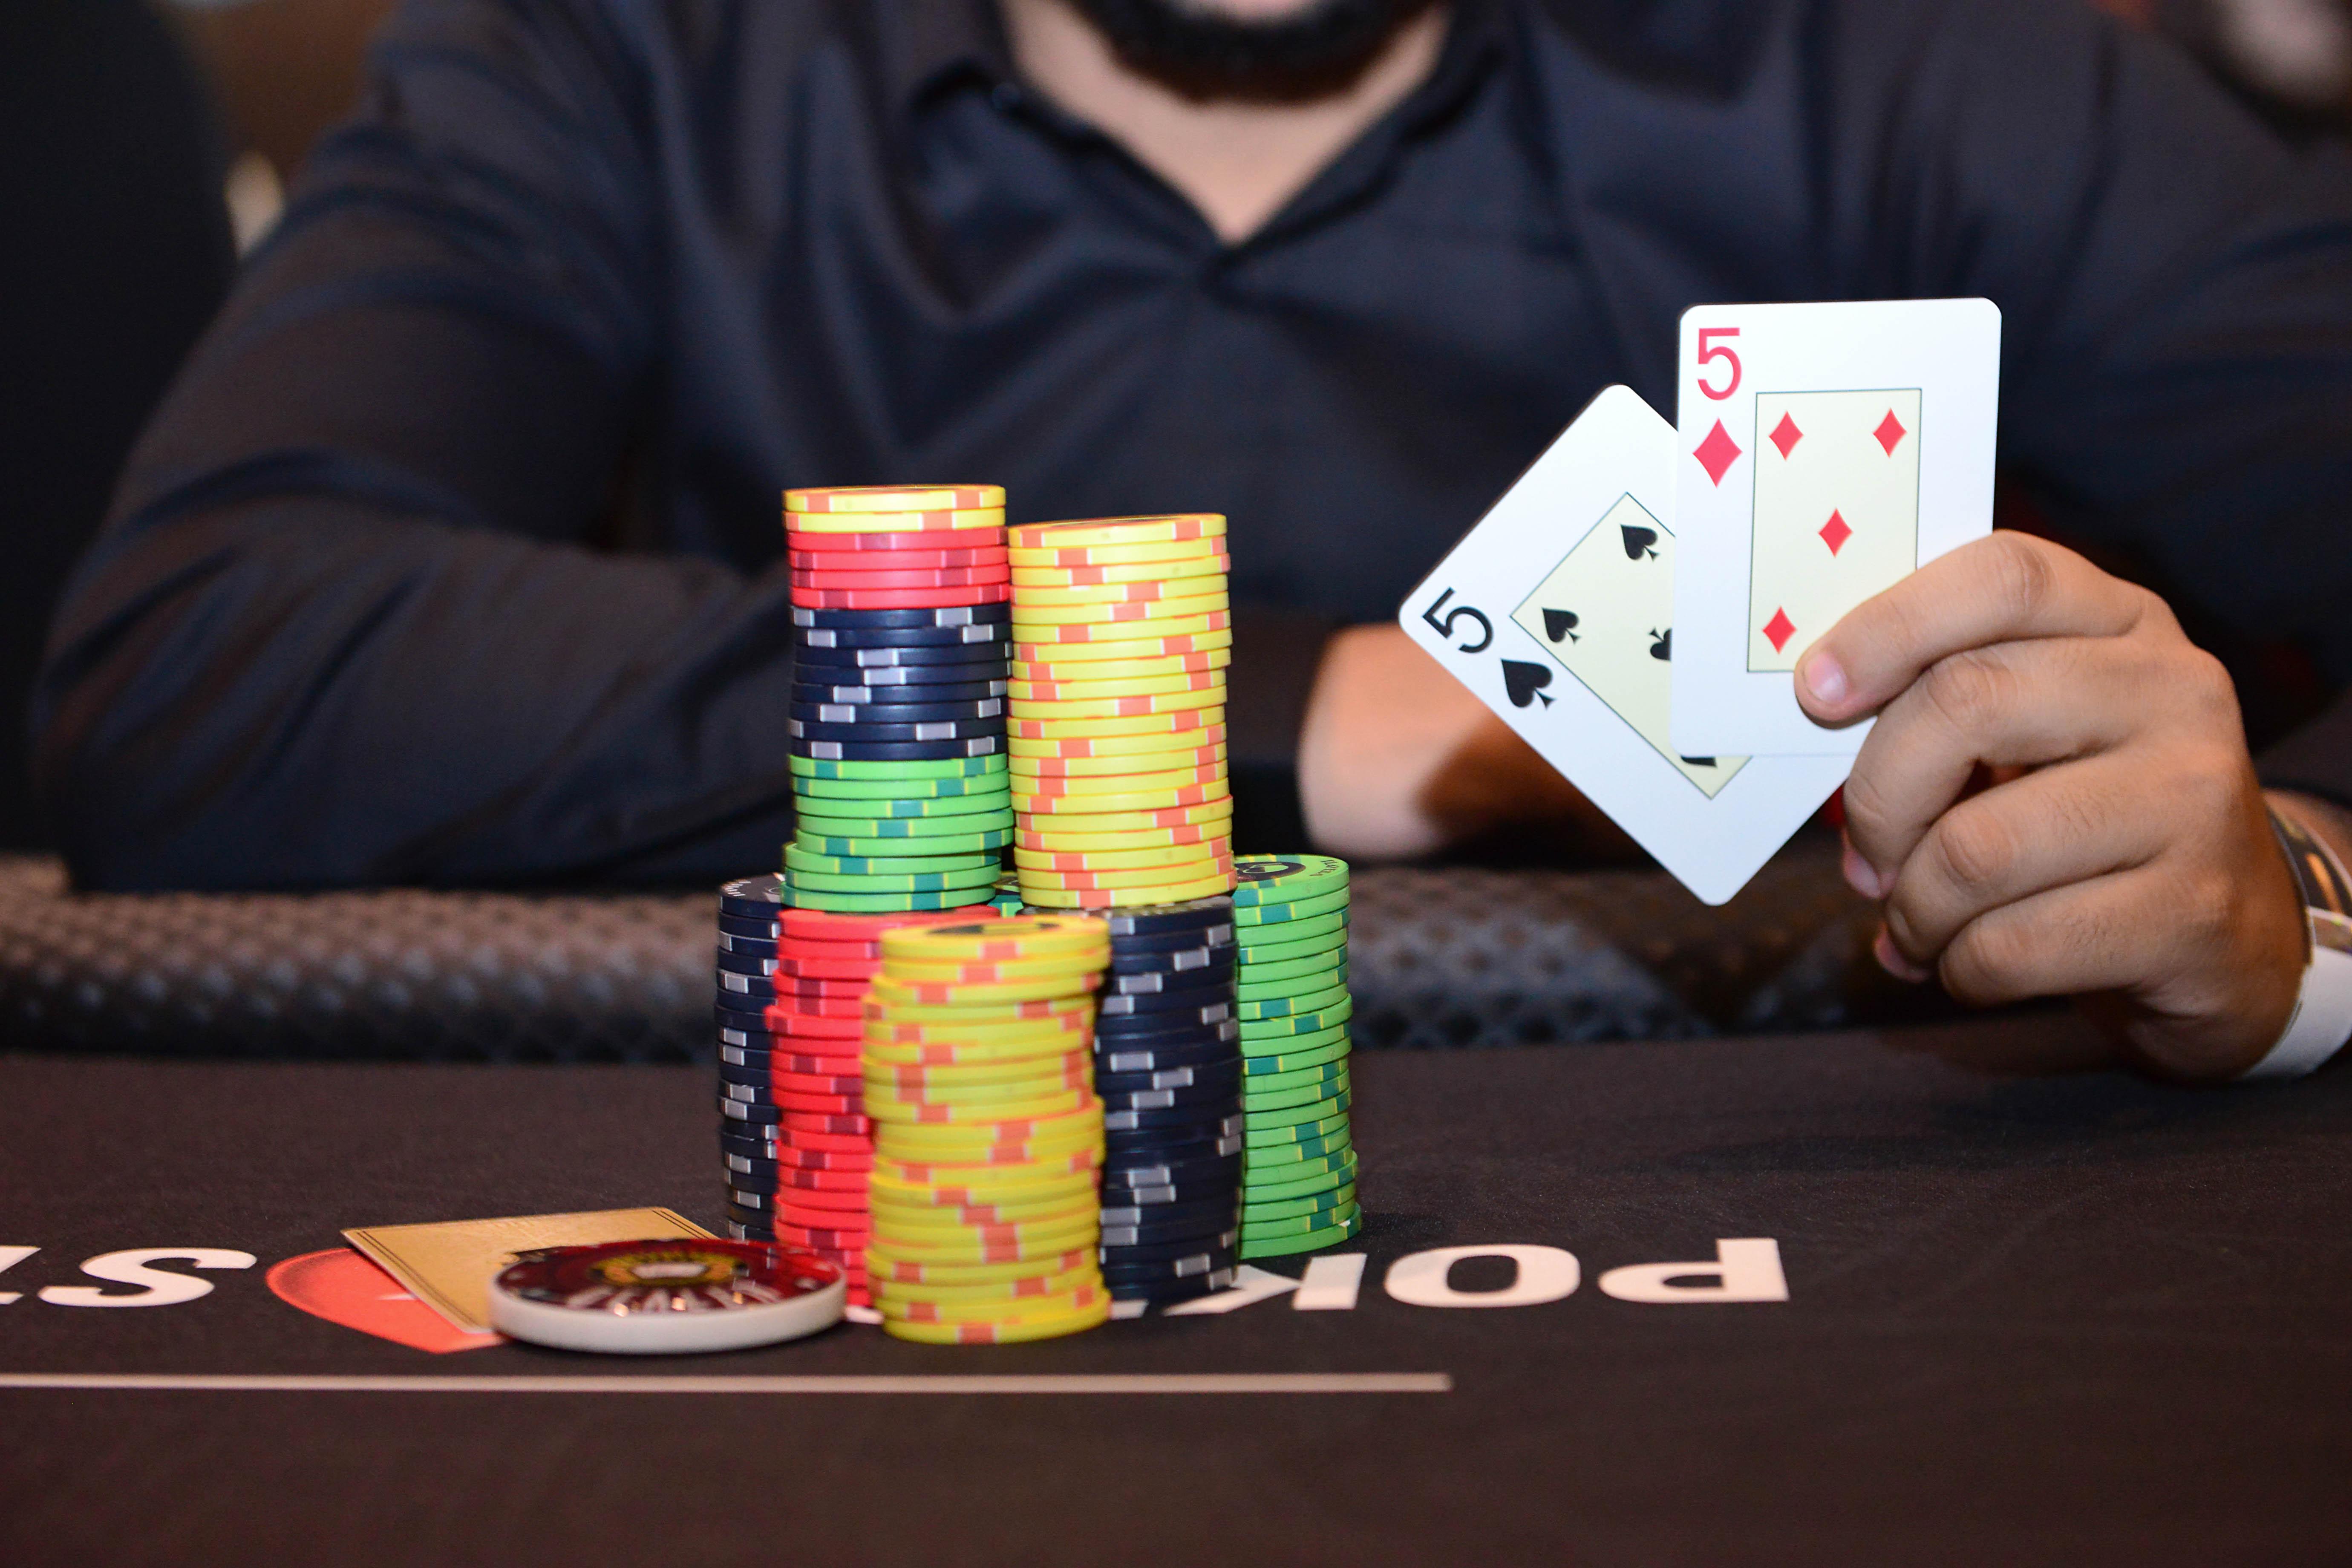 Campeonato Goiano de Poker terá a maior premiação de Goiás